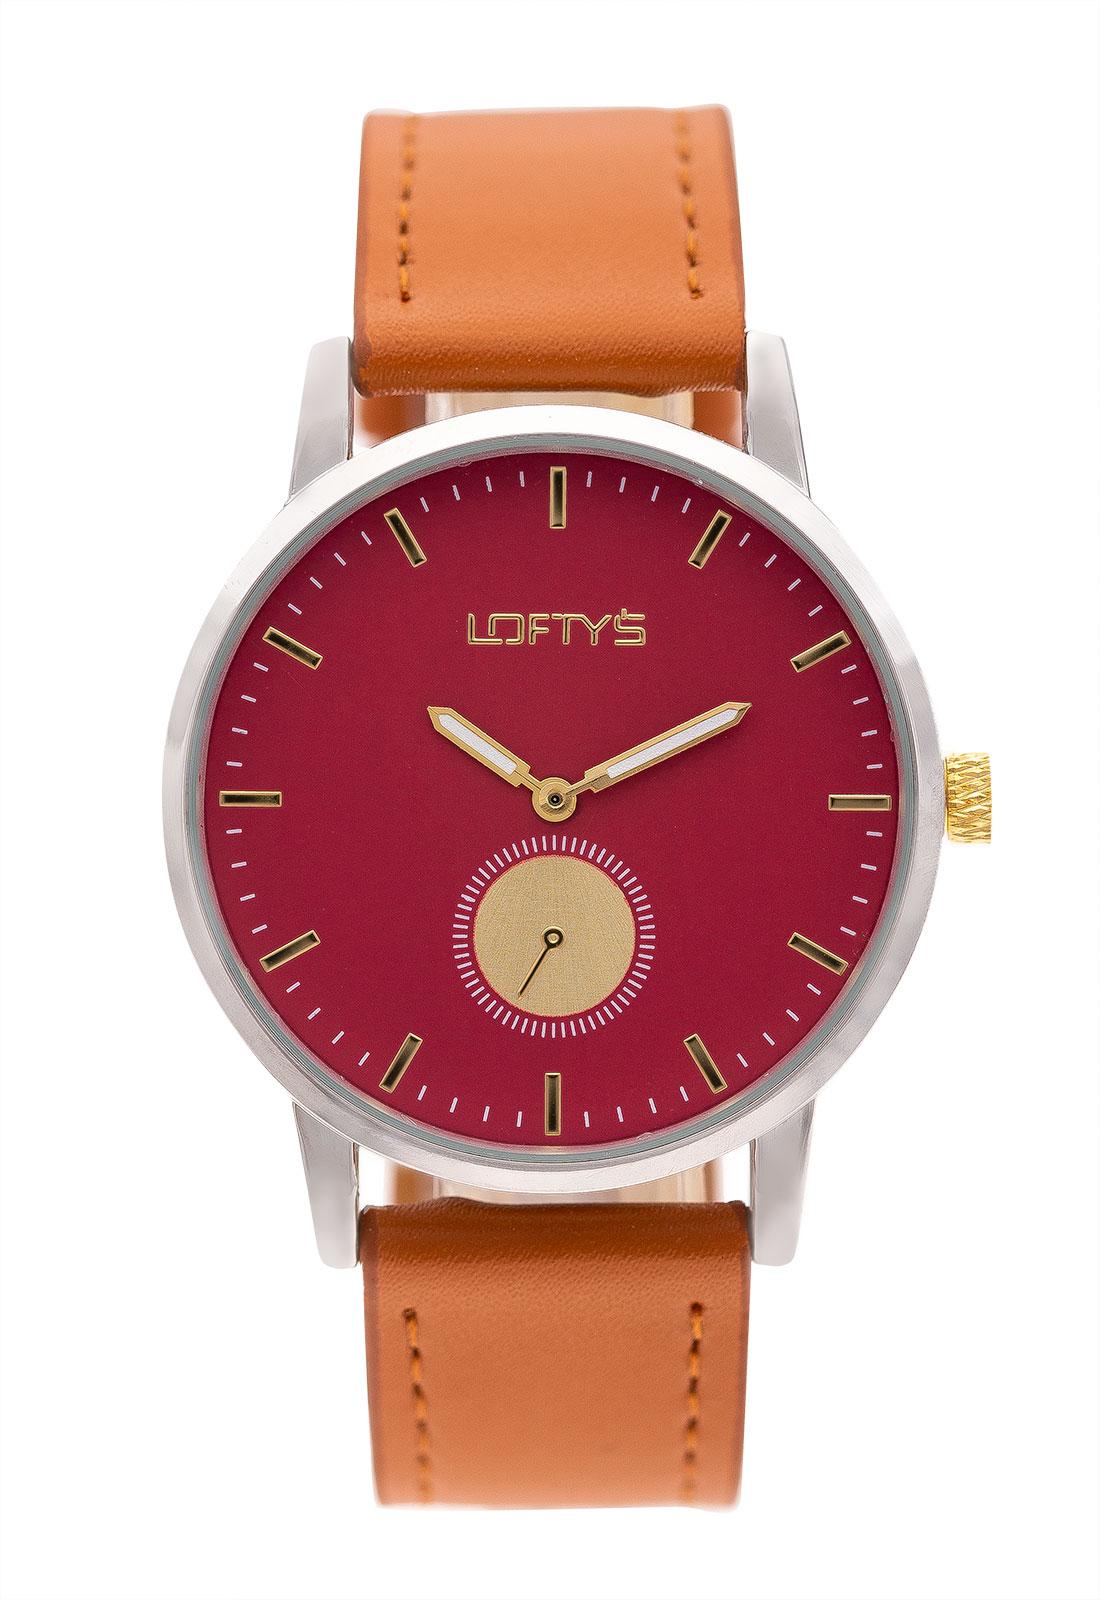 Ρολόι Loftys Scorpio με καφέ λουράκι και κόκκινο καντράν Y3411-14